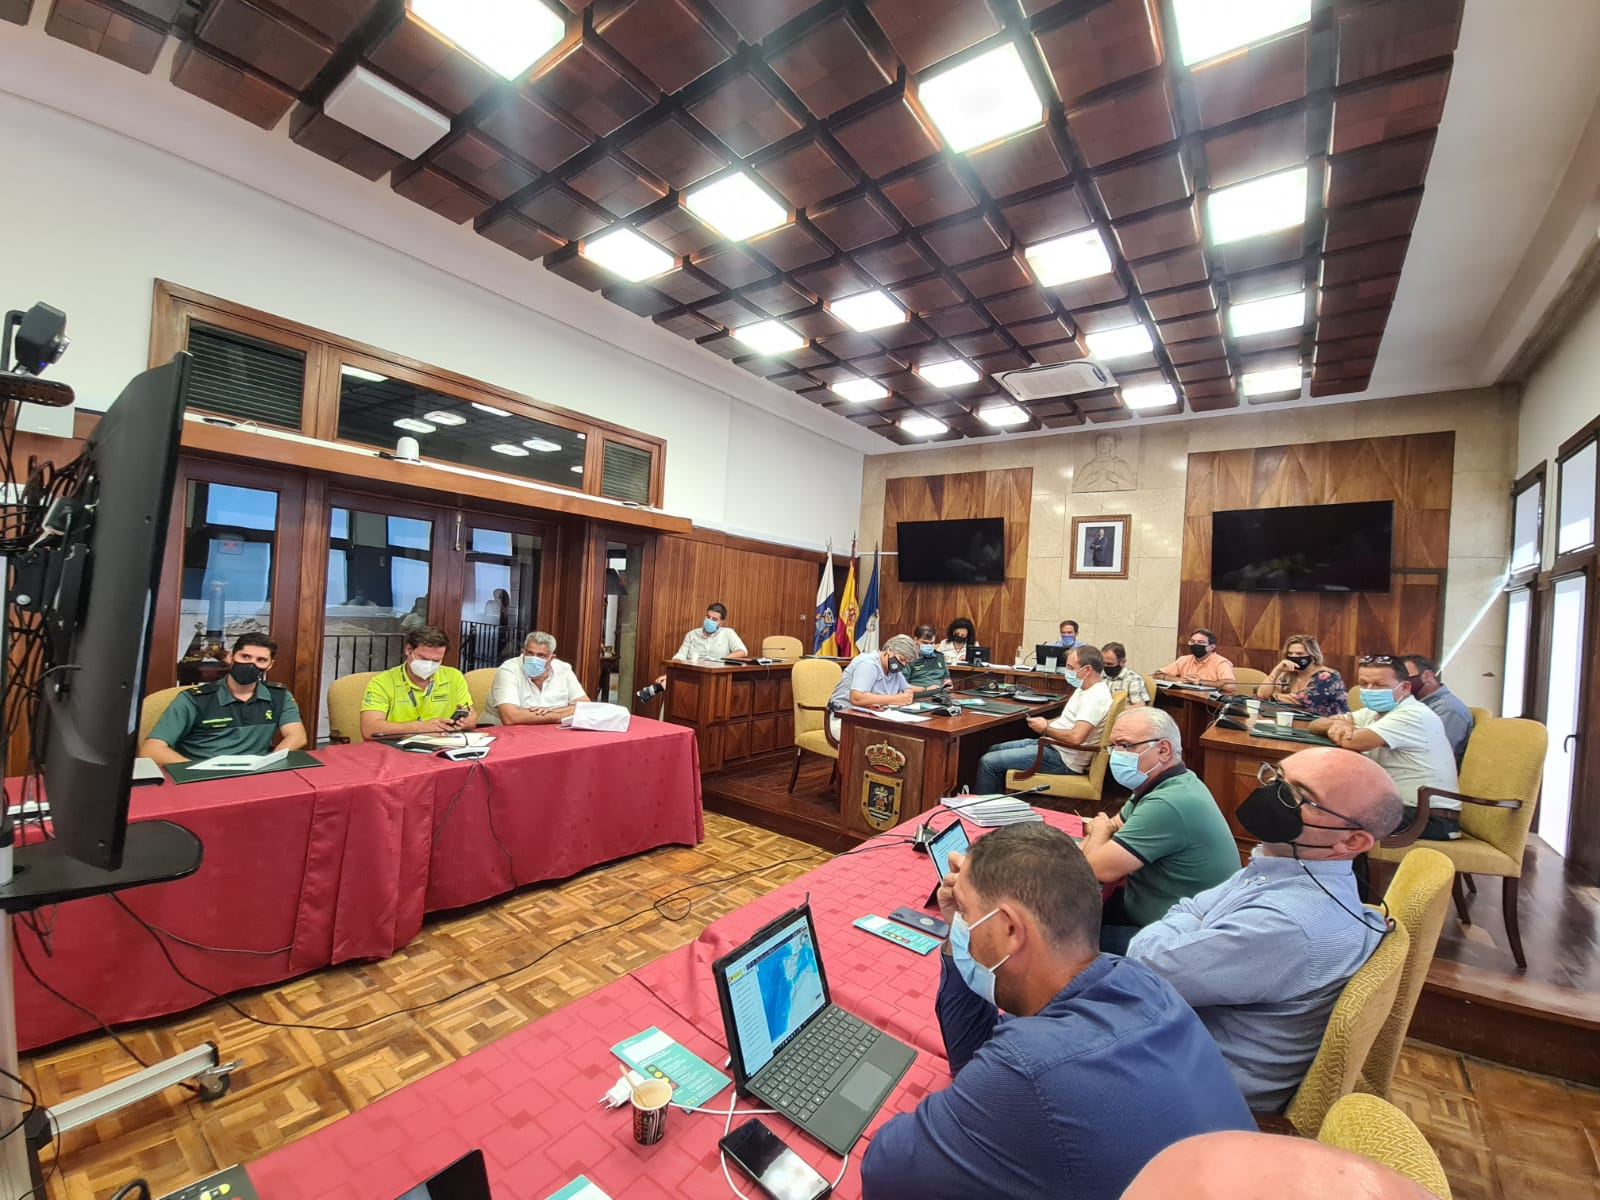 El Cabildo de La Palma y los ayuntamientos afectados presentan un plan de evacuación que garantice la seguridad